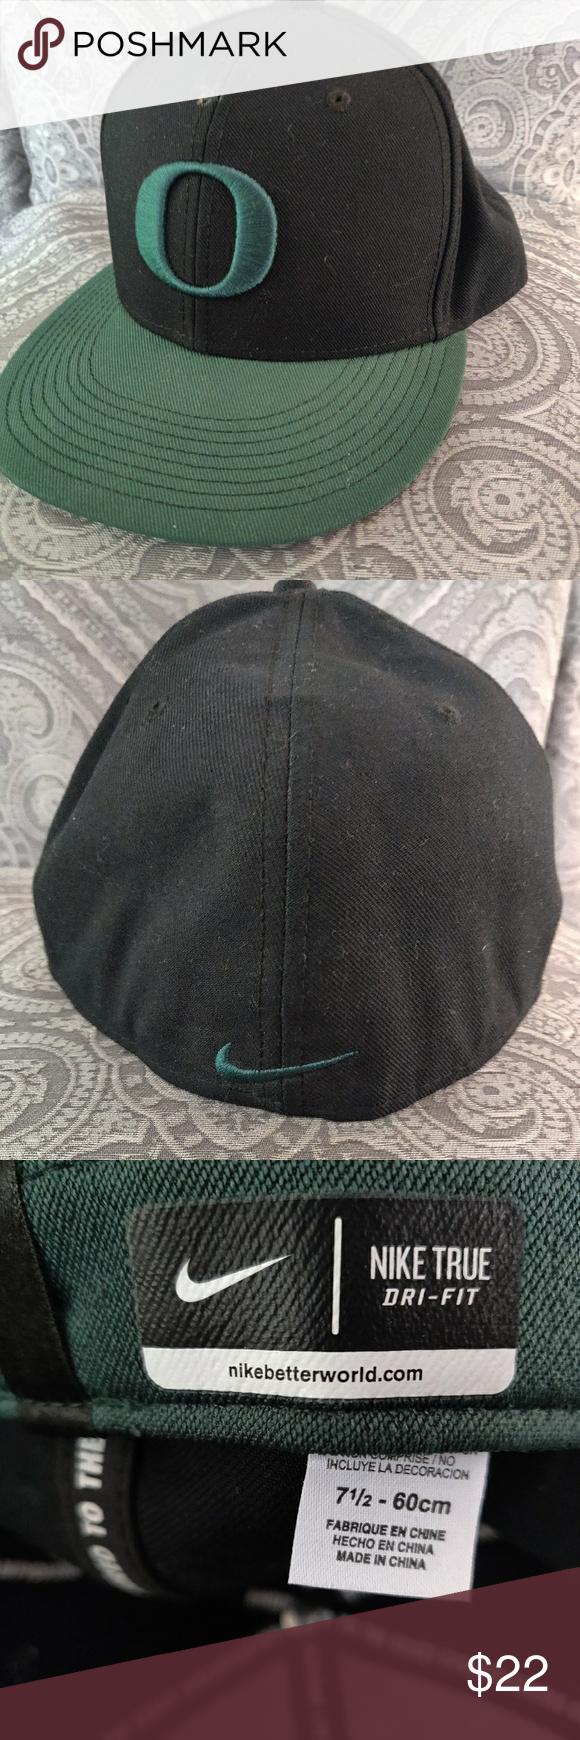 Oregon Ducks 7 1 2 Nike Dri Fit Hat Fitted Hats Nike Accessories Nike Dri Fit [ 1740 x 580 Pixel ]